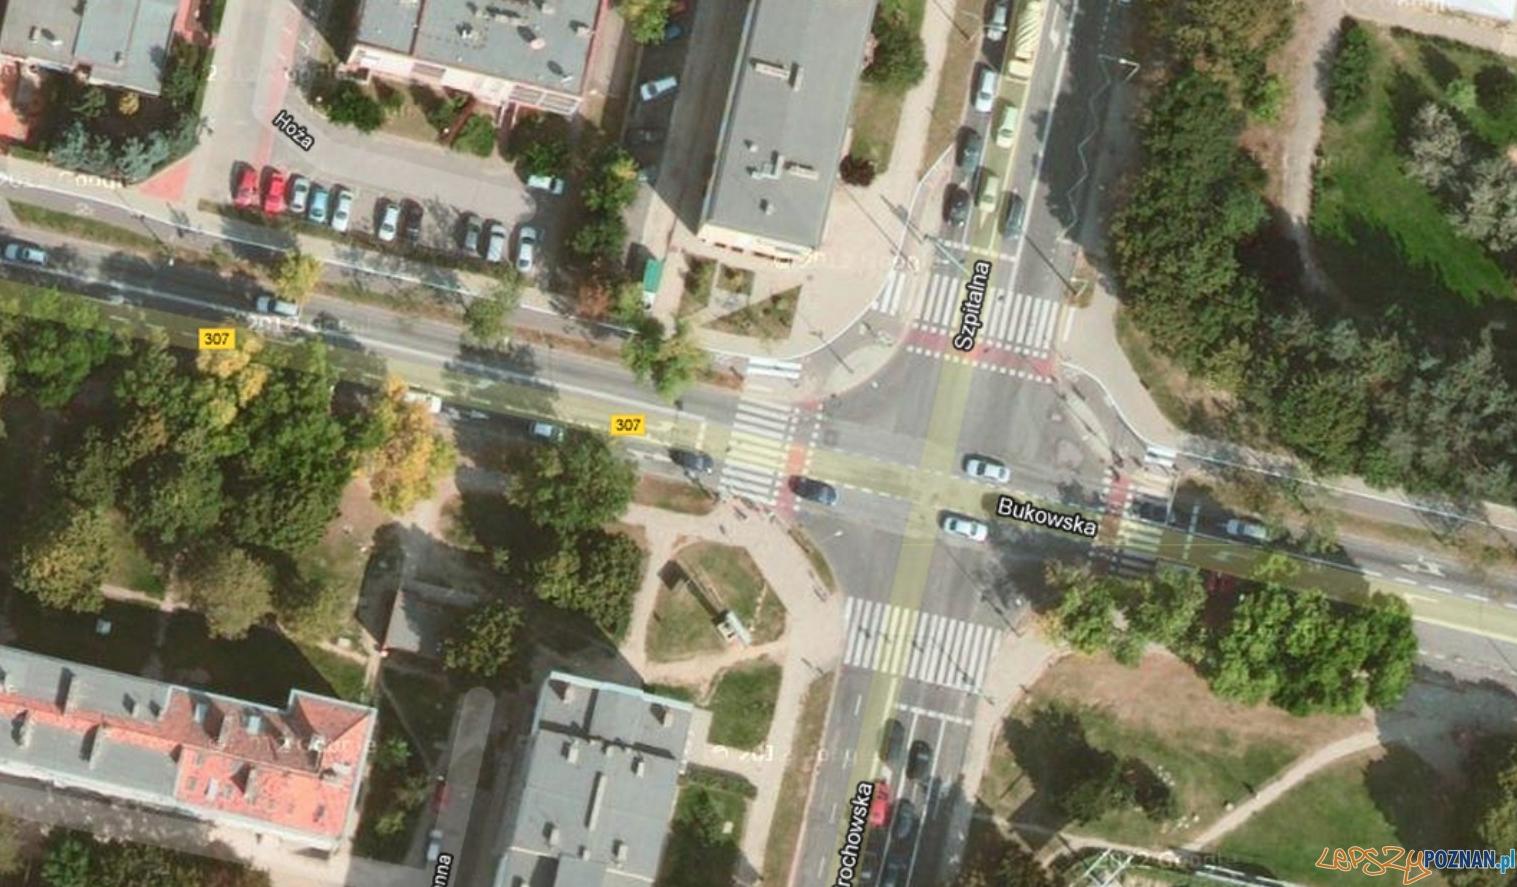 Skrzyżowanie już przejezdne  Foto: Google maps